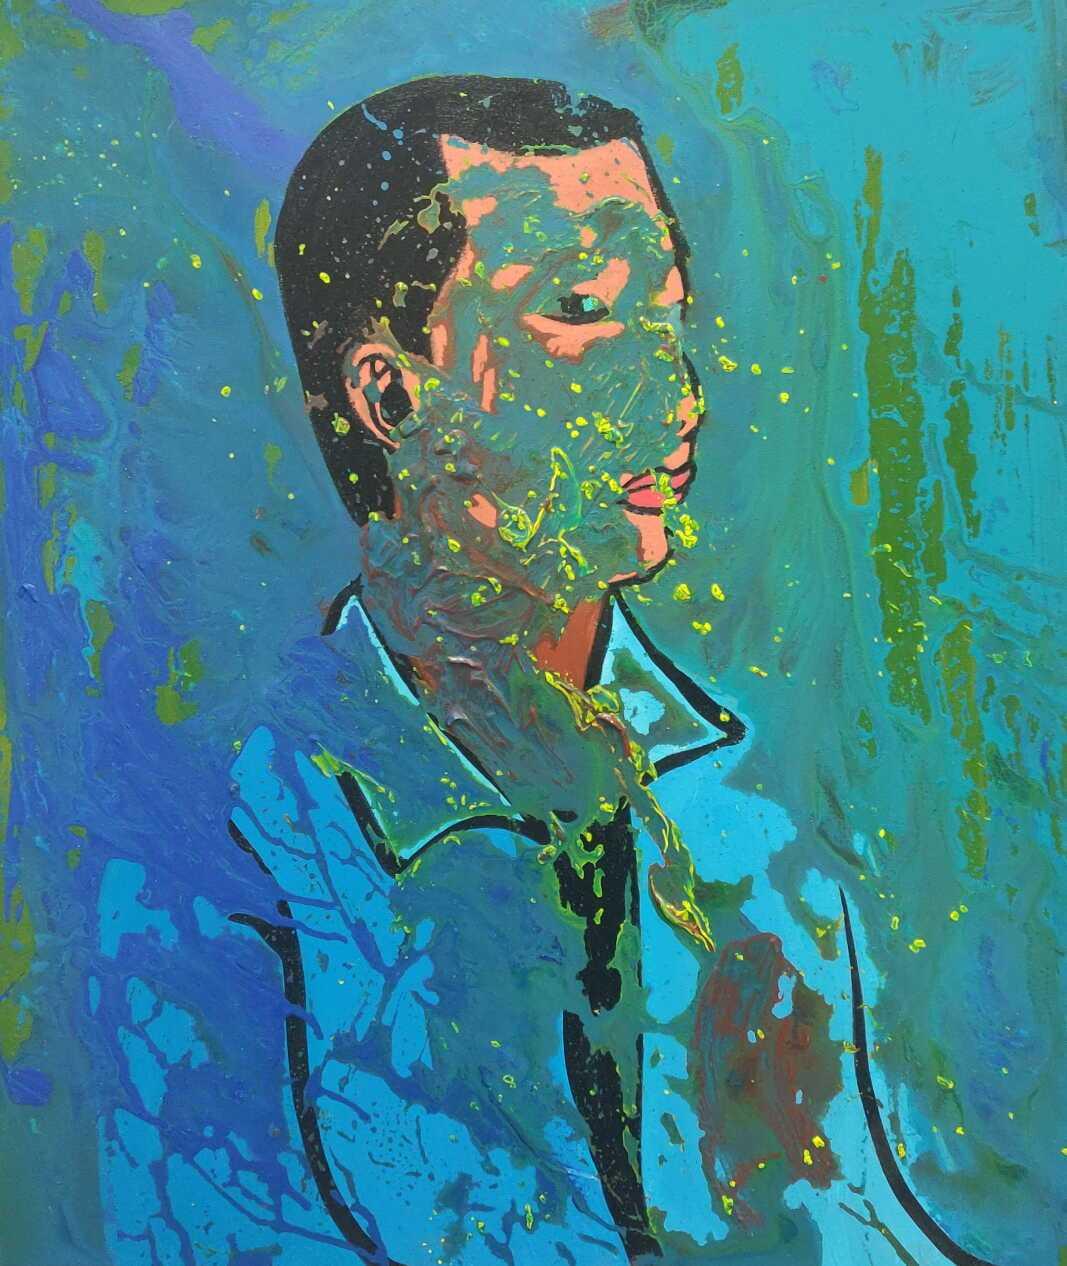 青年艺术家周川,孙长波,双个展即将亮相杭州